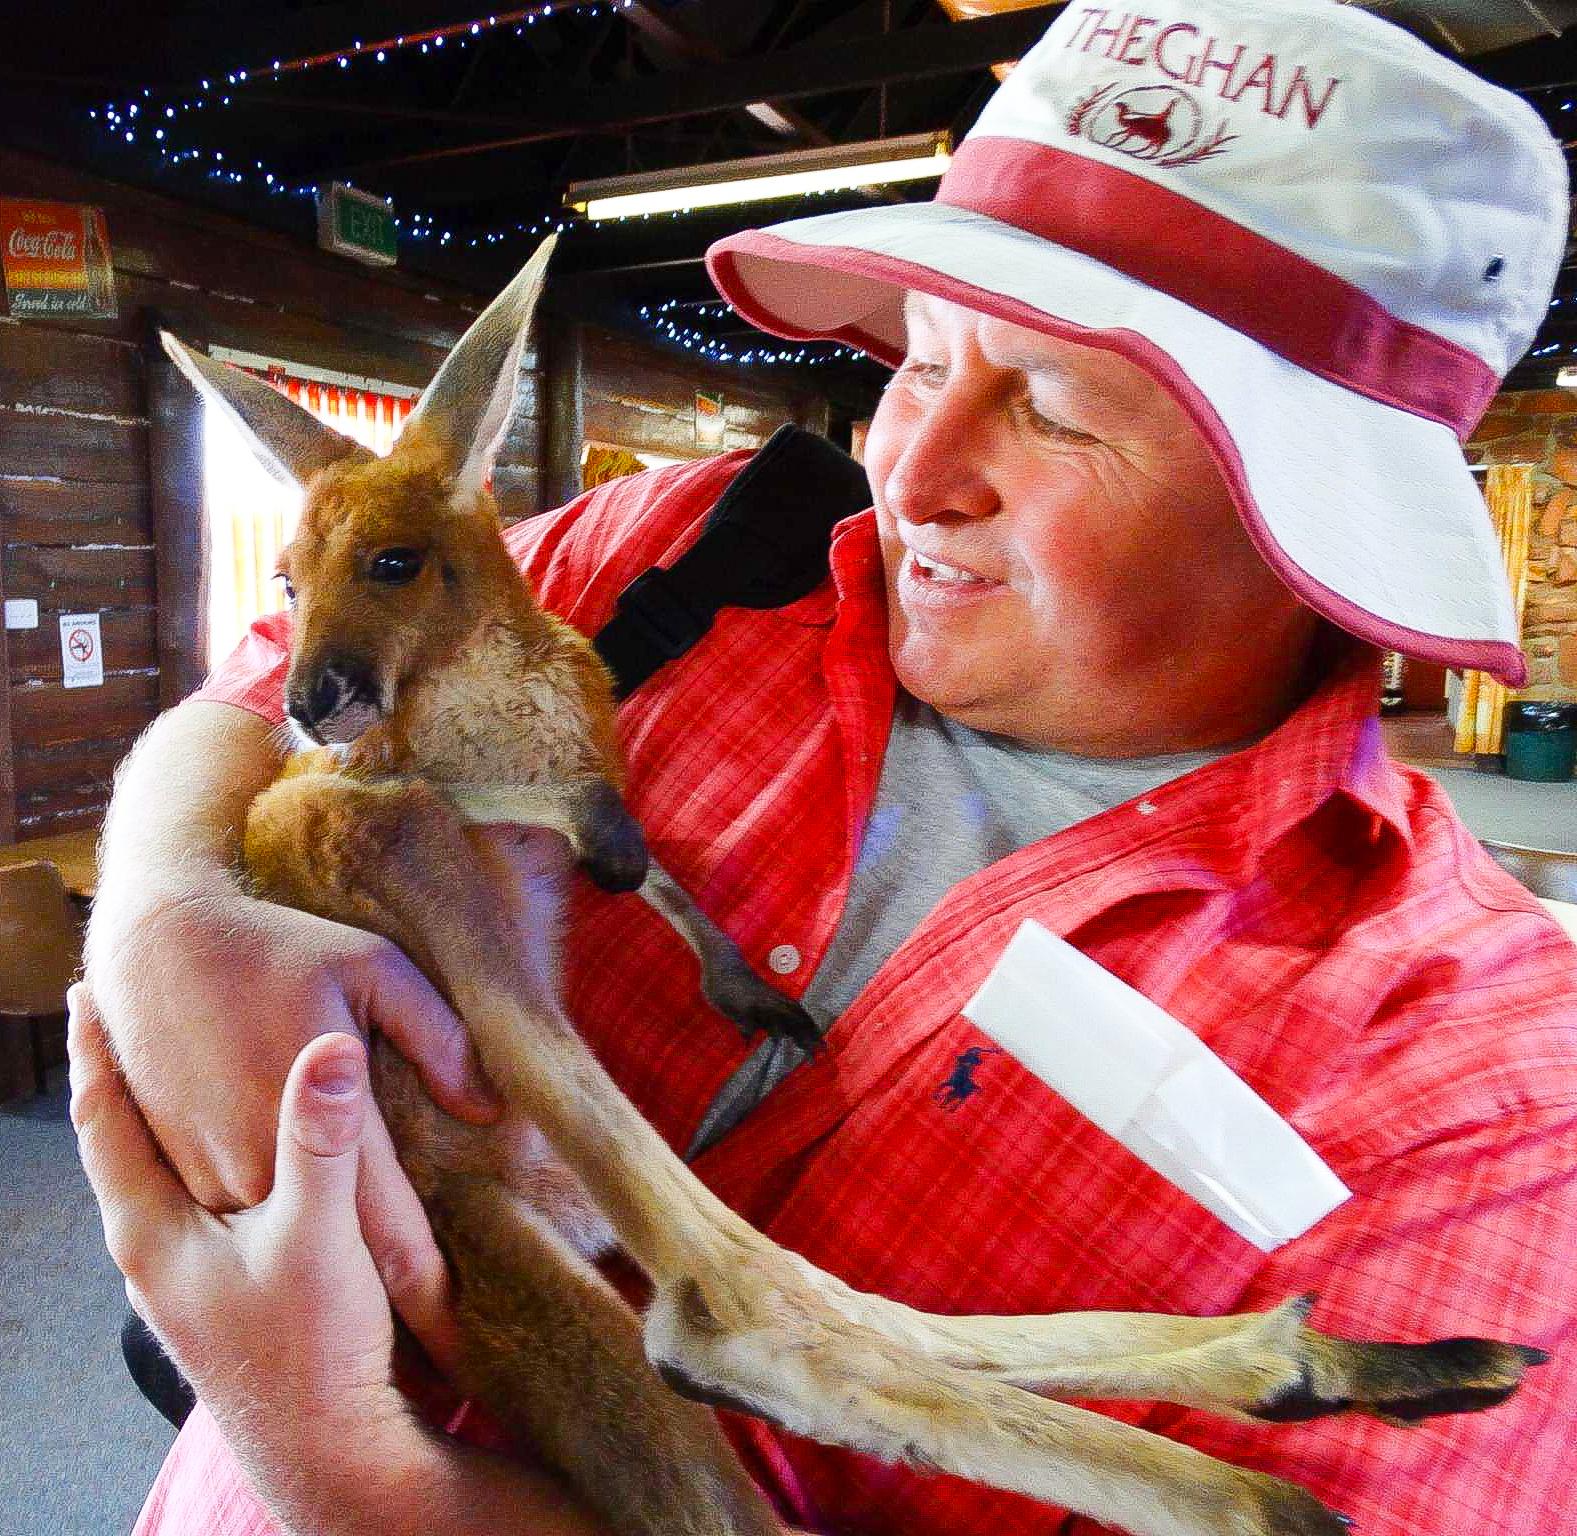 Alice Springs, Australia. Hugging an injured Joey